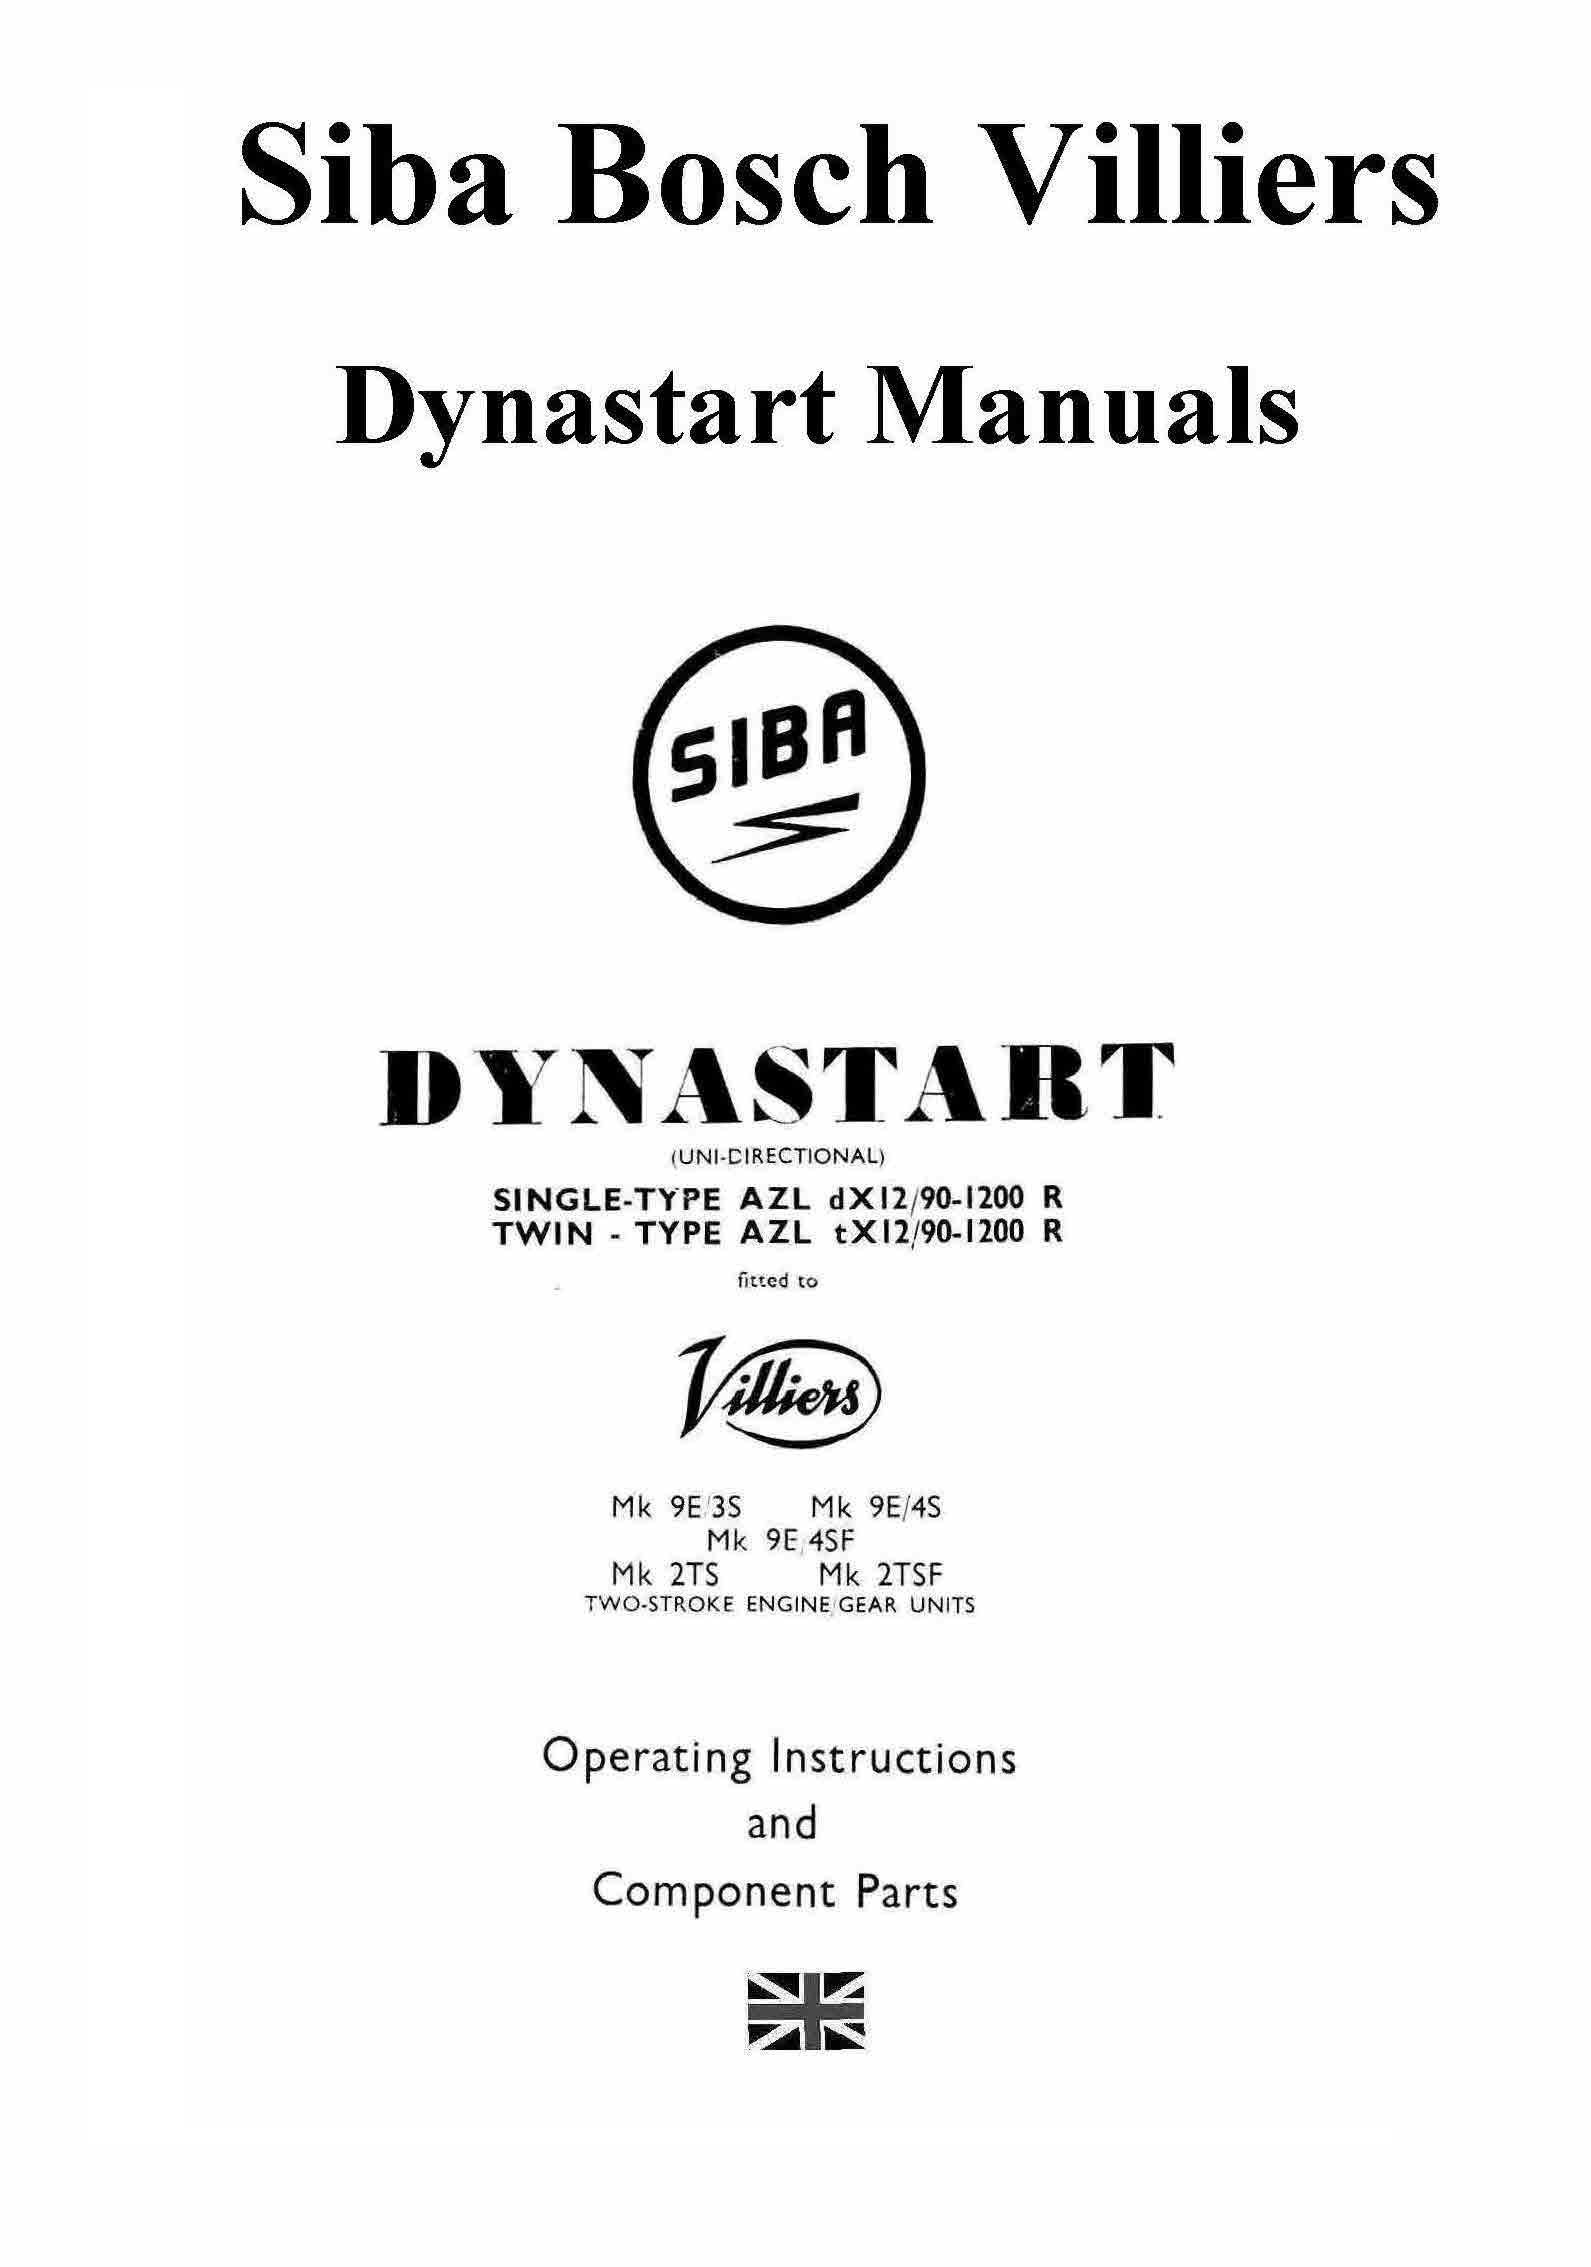 villiers siba dynastart manuals for mechanics rh sellfy com Volvo Penta Starter Motor Wiring Diagram 5.7 Volvo Penta Water Passages